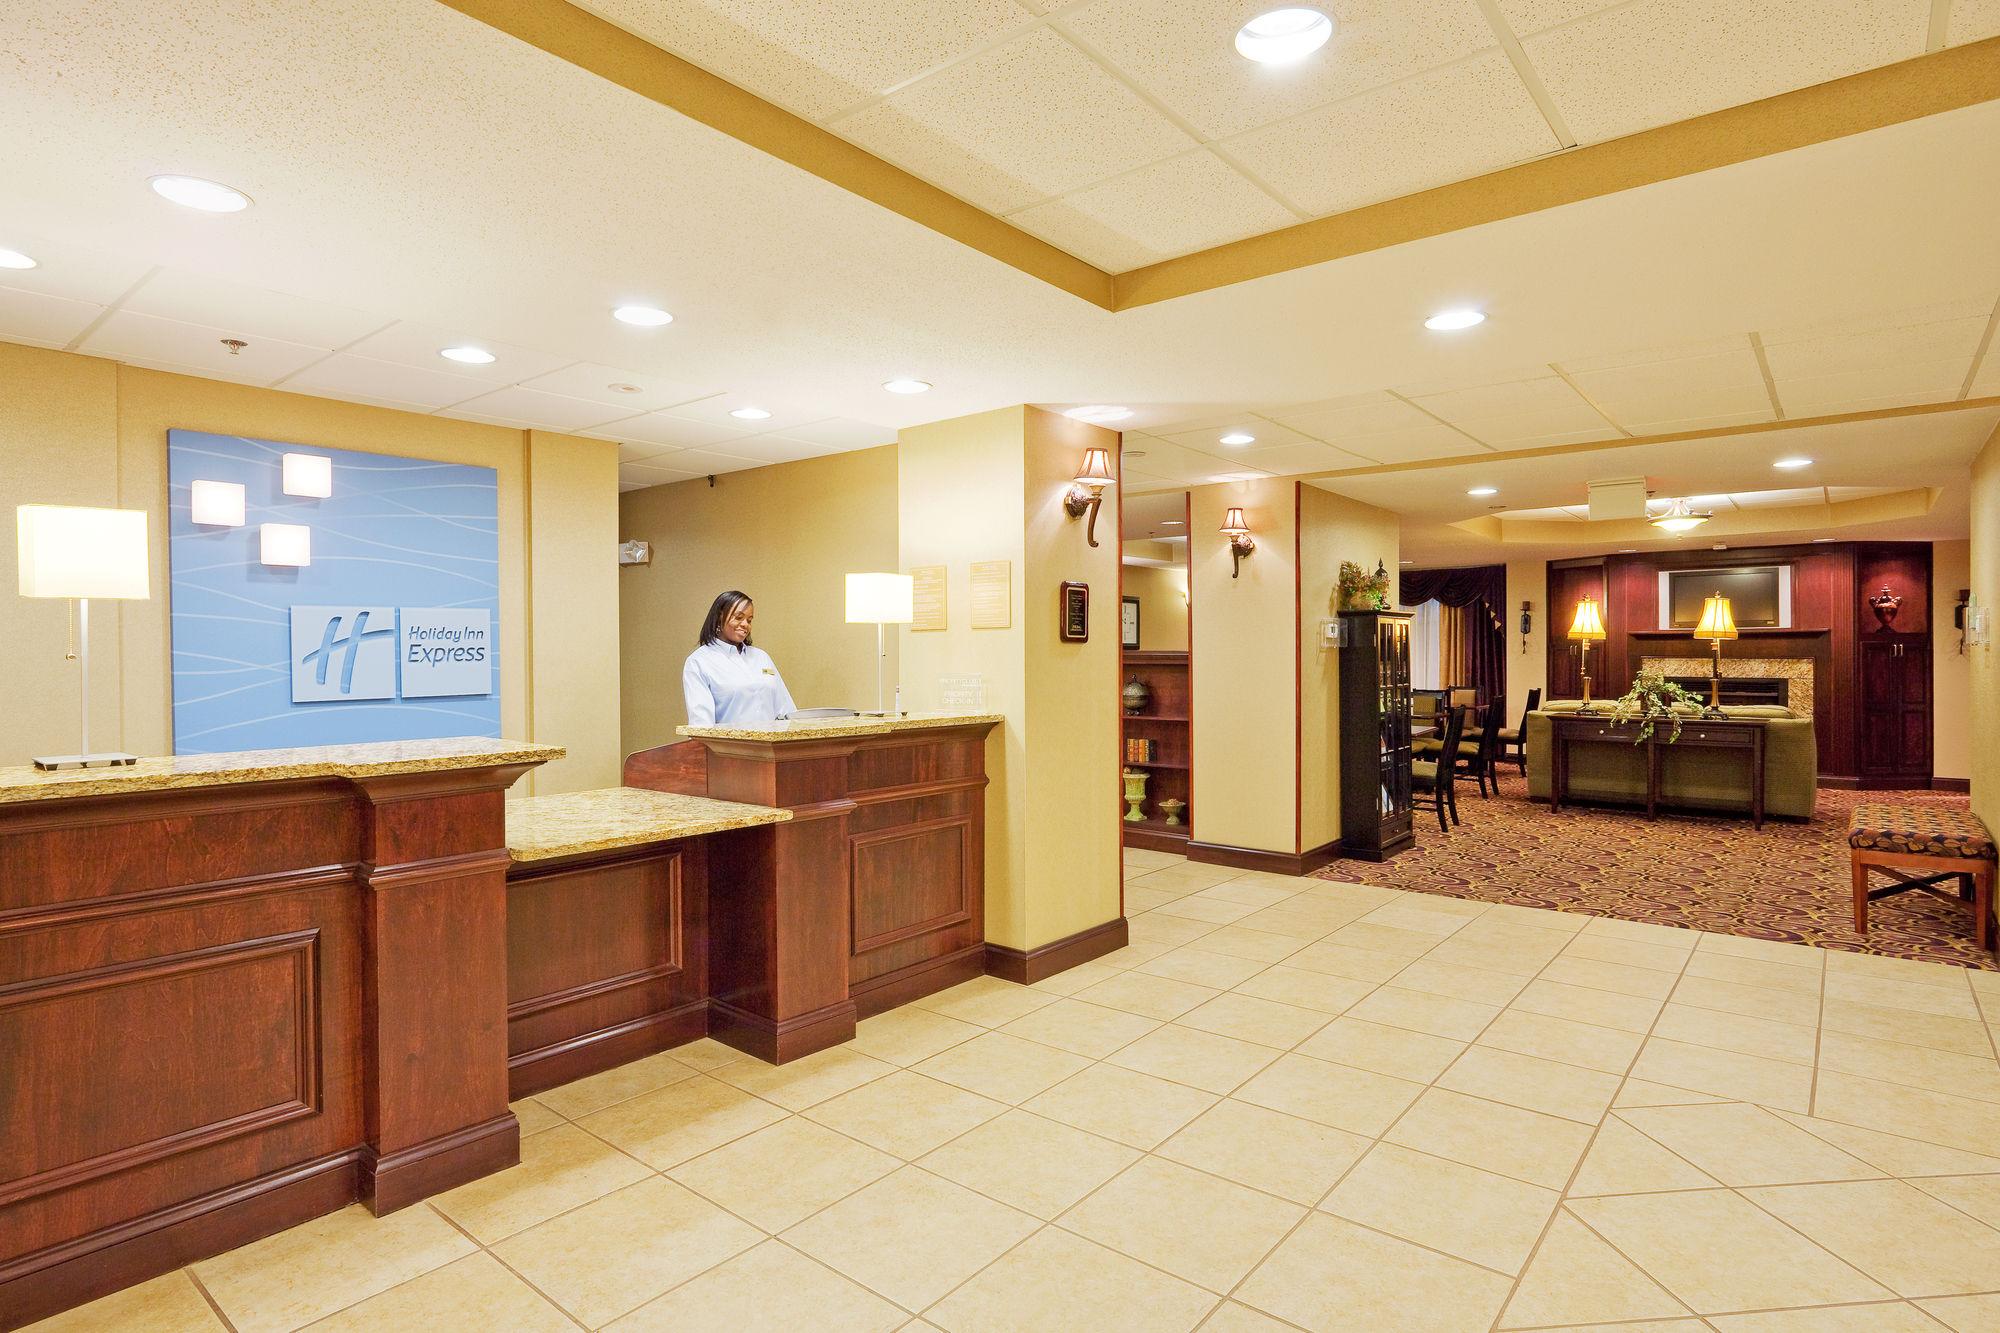 bloomsburg hotel coupons for bloomsburg pennsylvania. Black Bedroom Furniture Sets. Home Design Ideas